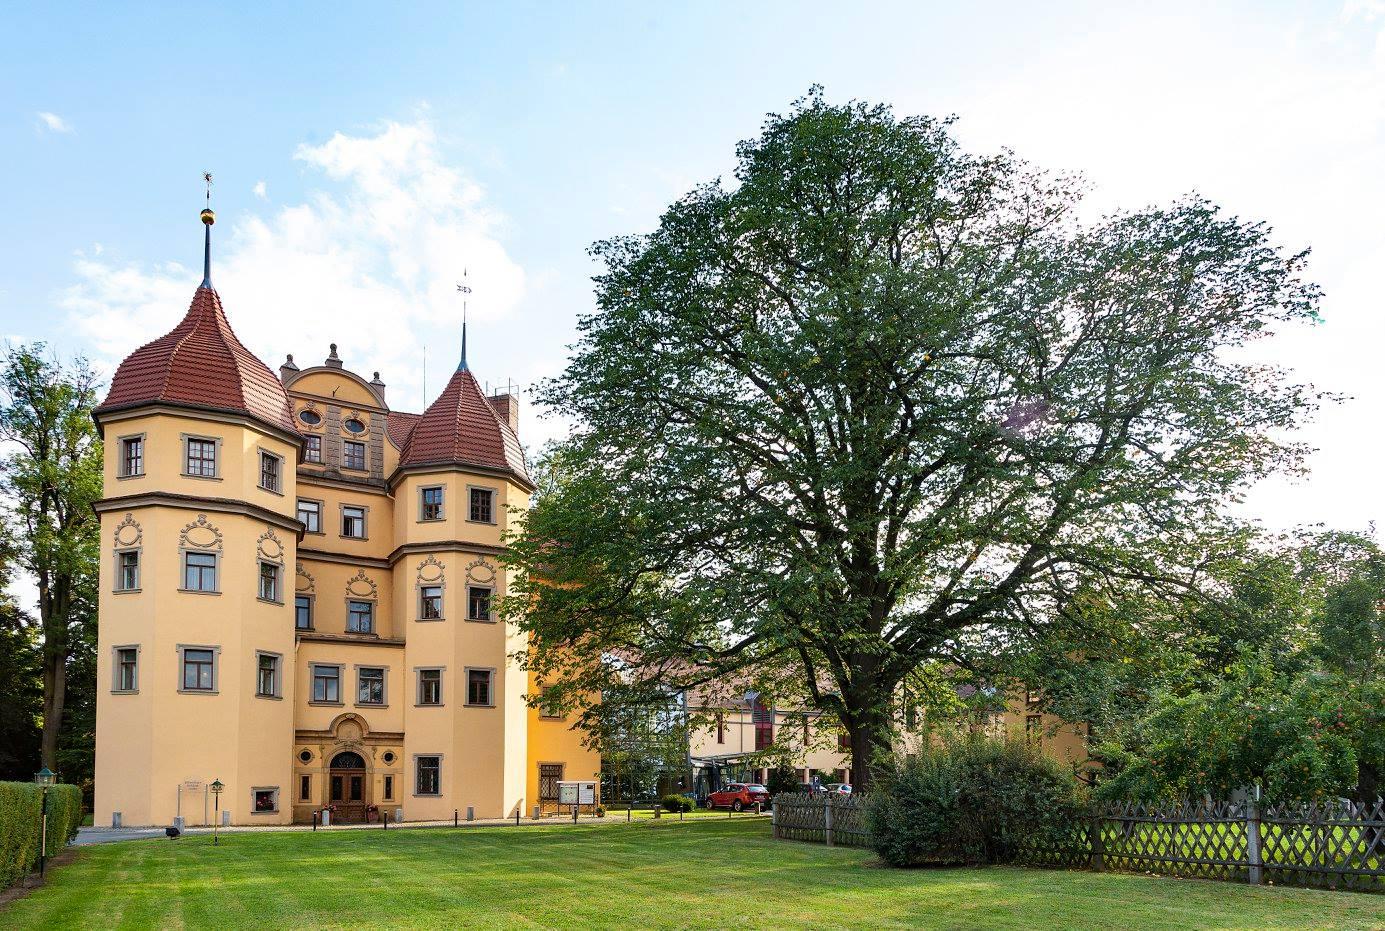 Schlosshotel Althörnitz, Oberlausitz